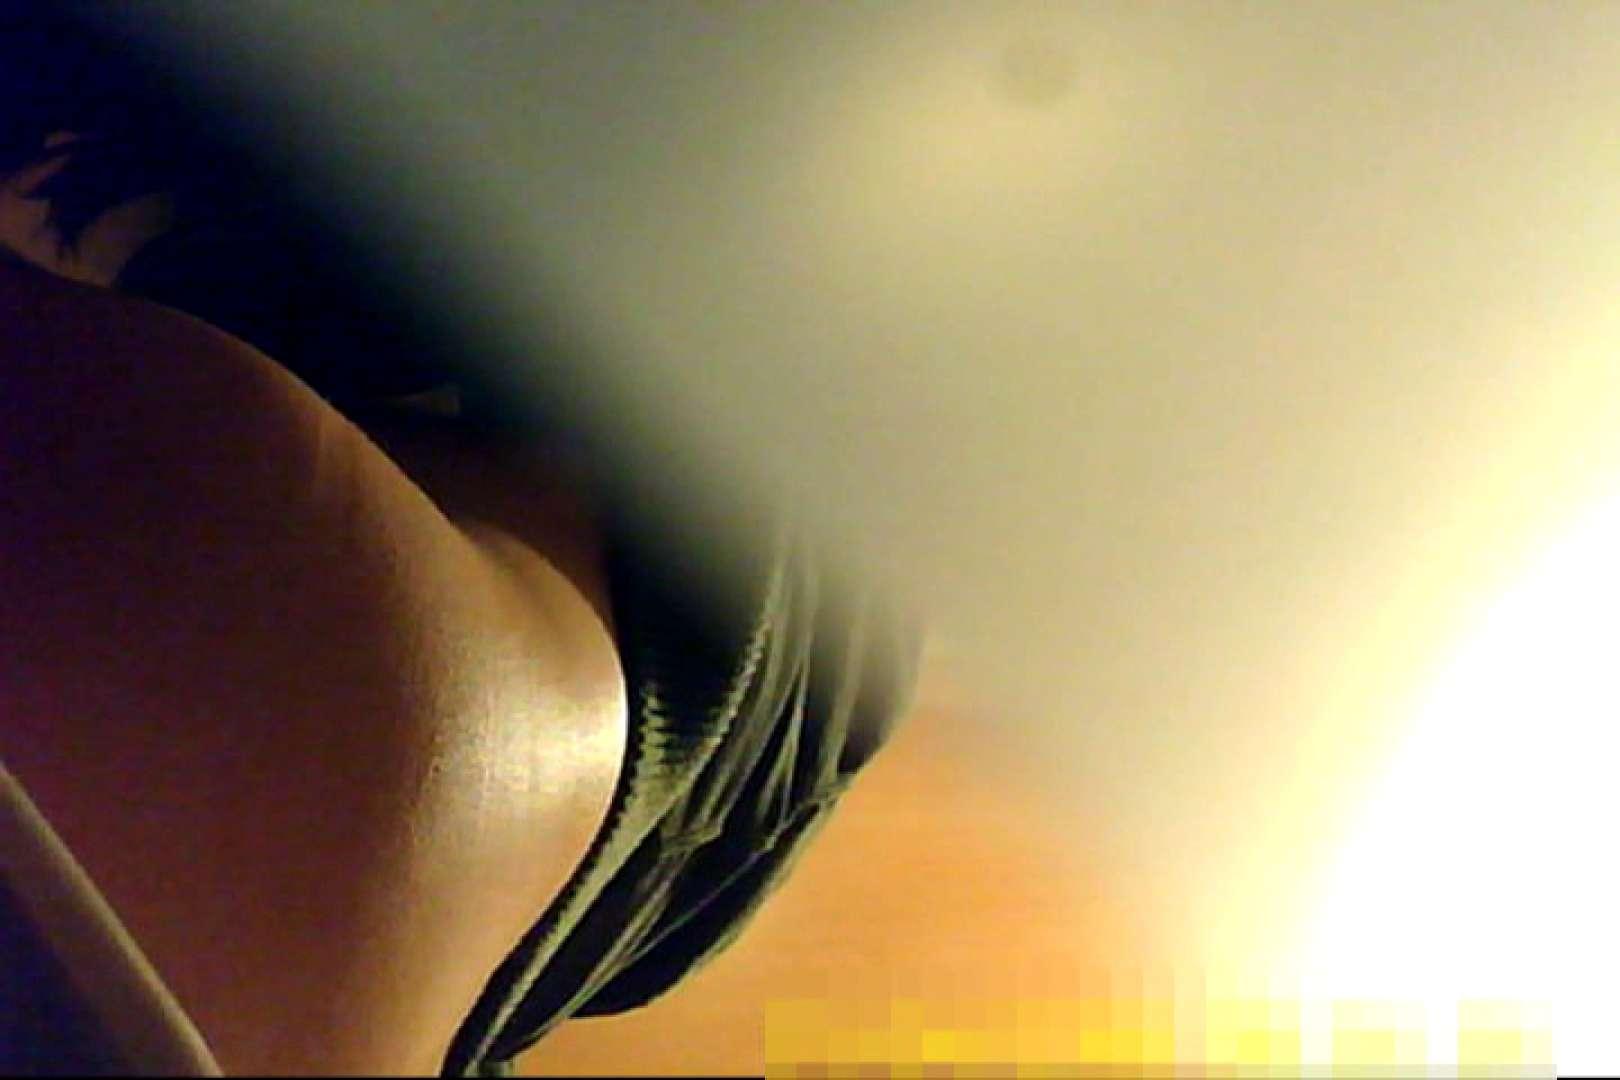 魅惑の化粧室~禁断のプライベート空間~31 プライベート | 洗面所  101枚 91